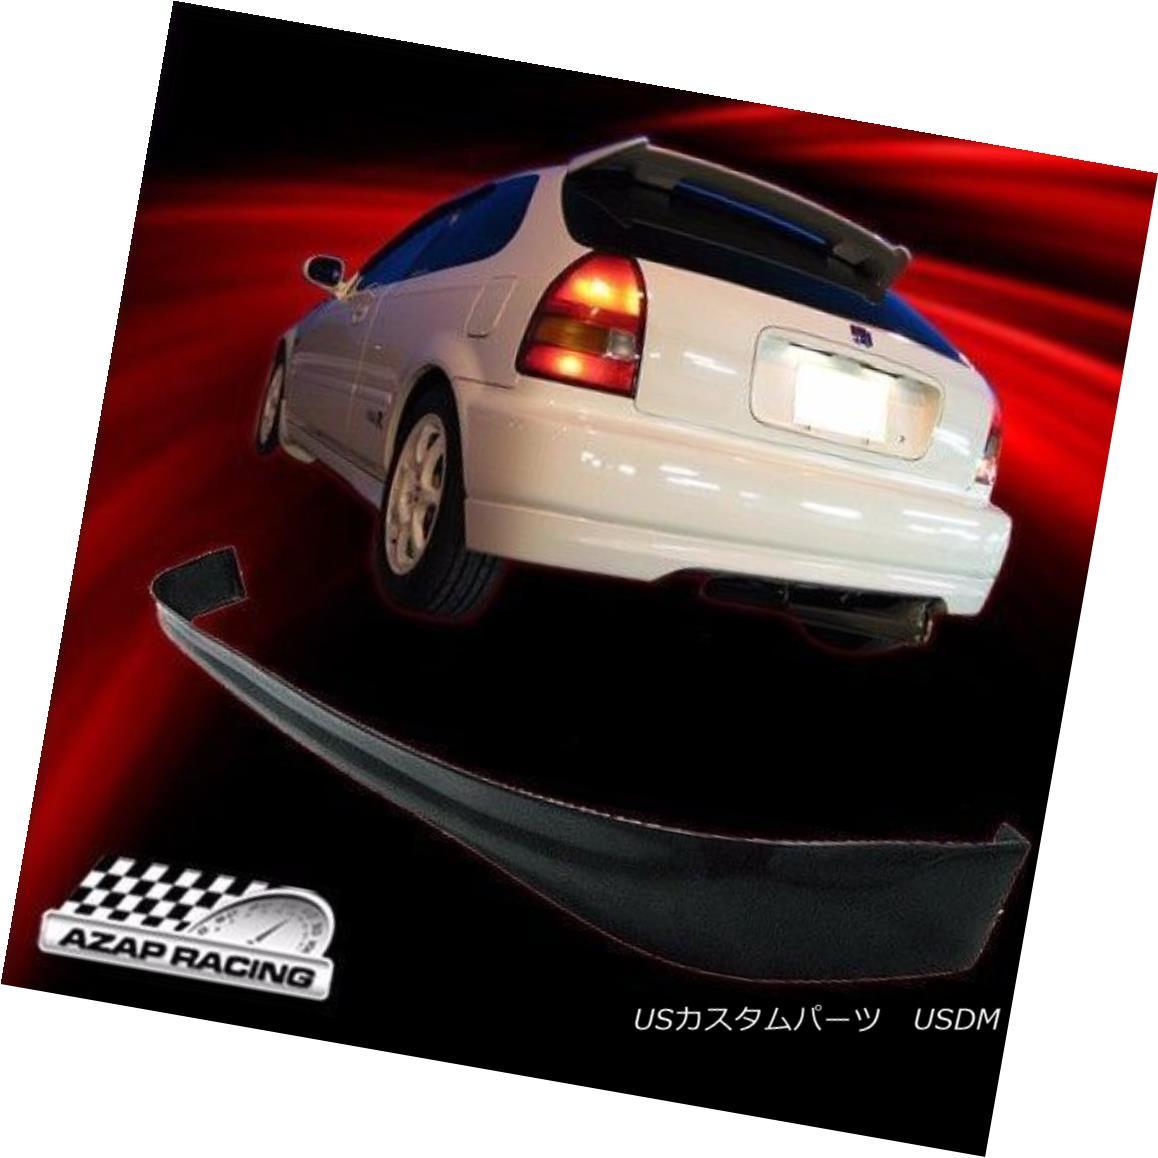 エアロパーツ 96-00 T-R Style Black PU Rear Bumper Lip Spoiler Fits Honda Civic 3Dr Hatchback 96-00 T-RスタイルブラックPUリアバンパーリップスポイラーはホンダシビック3Drハッチバックにフィット